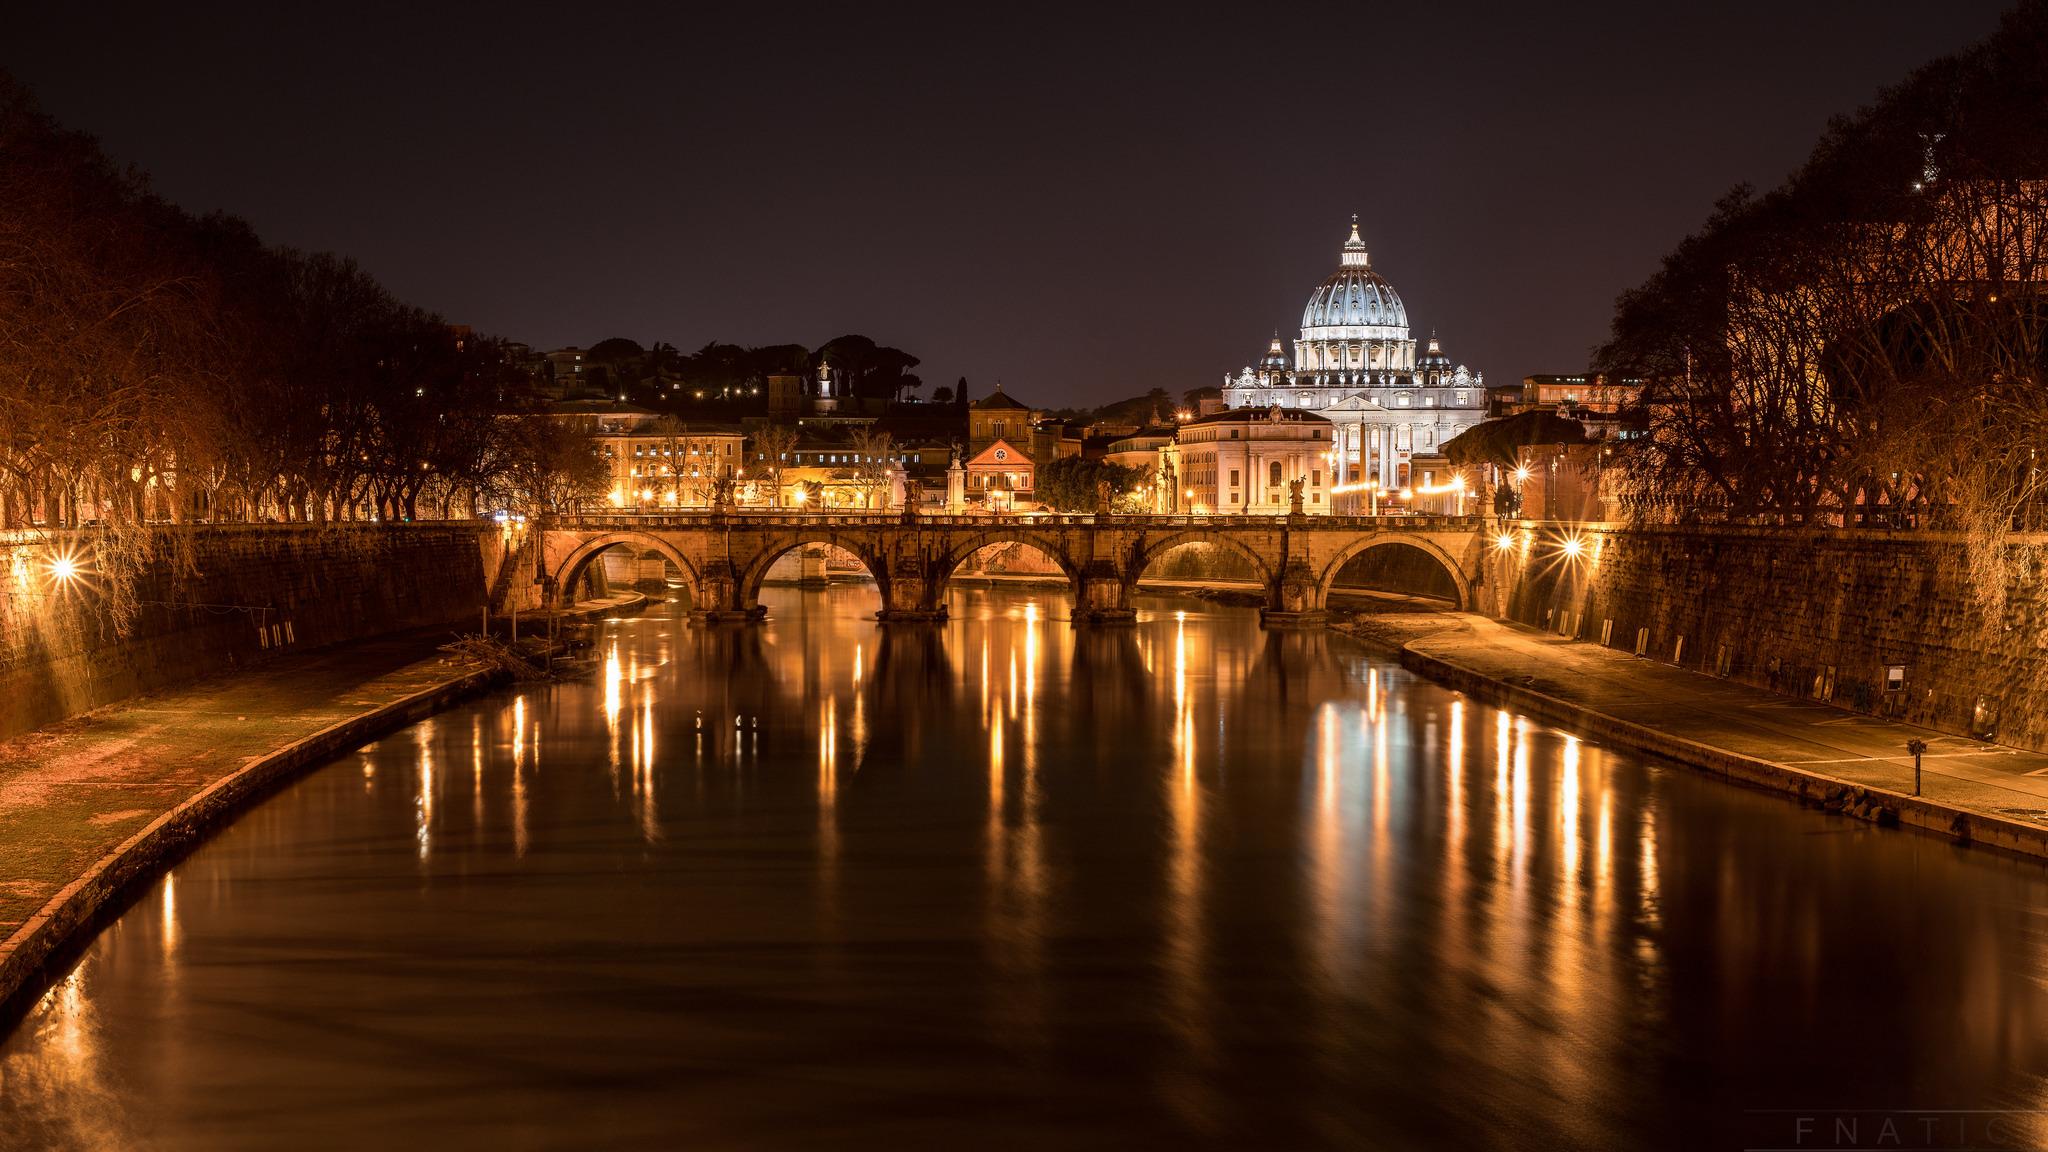 tlcharger fond decran rome - photo #27